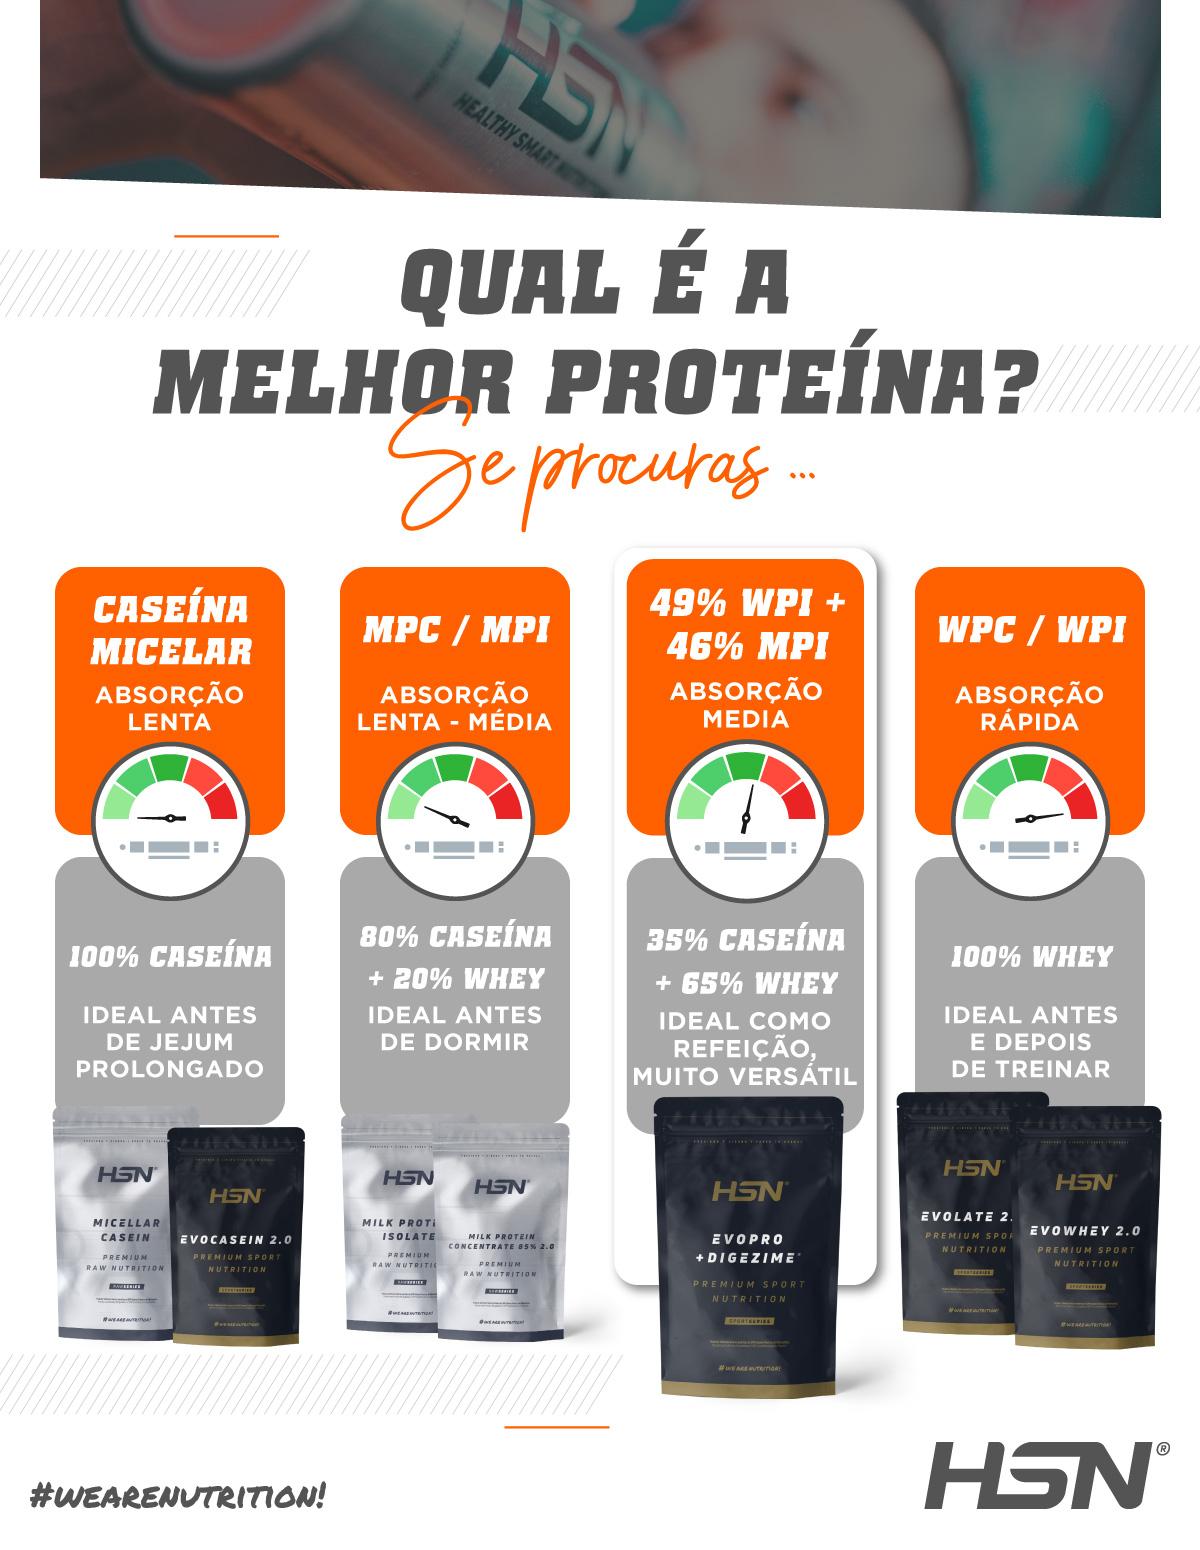 Melhor proteina info